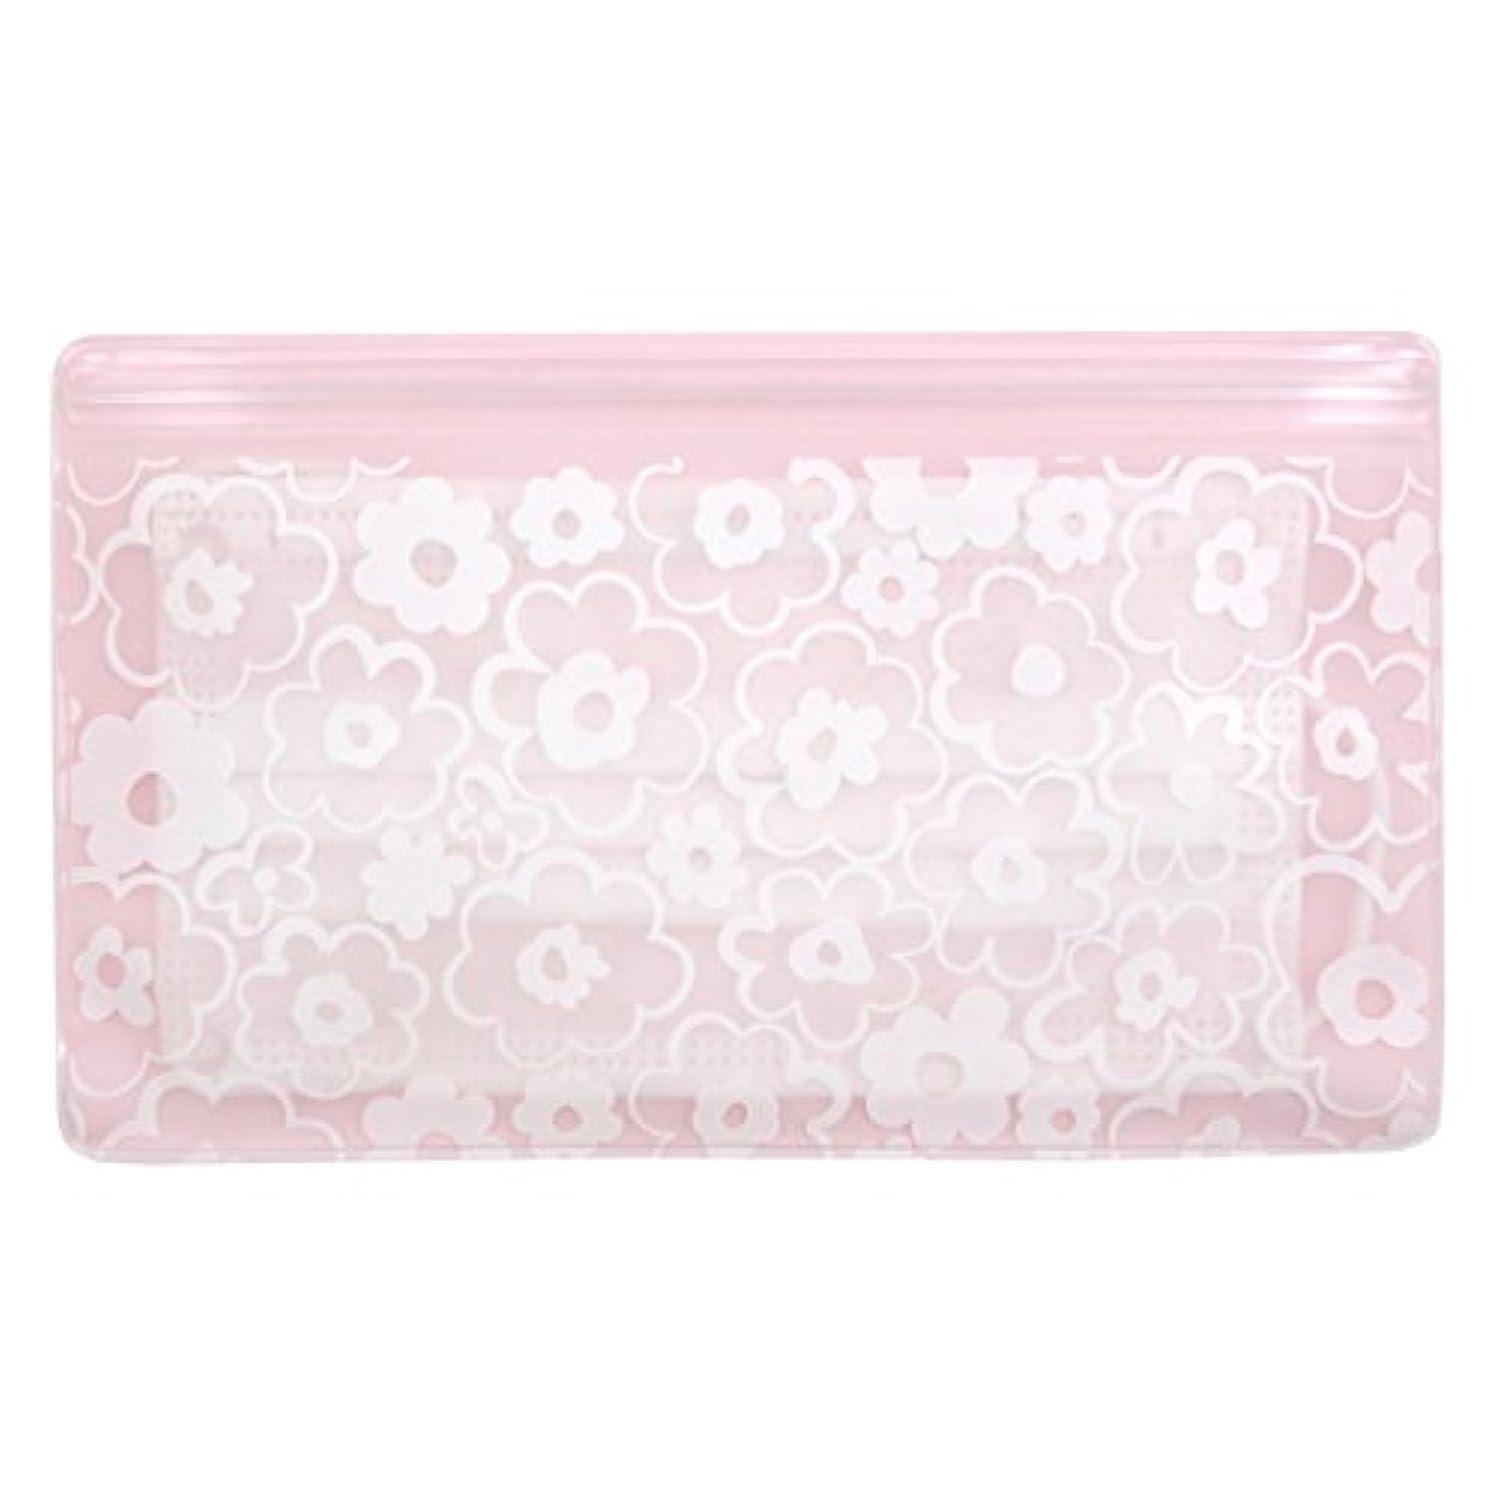 上げるサイト体操抗菌マスクケース Wポケット 花柄ピンク いやあらっくす